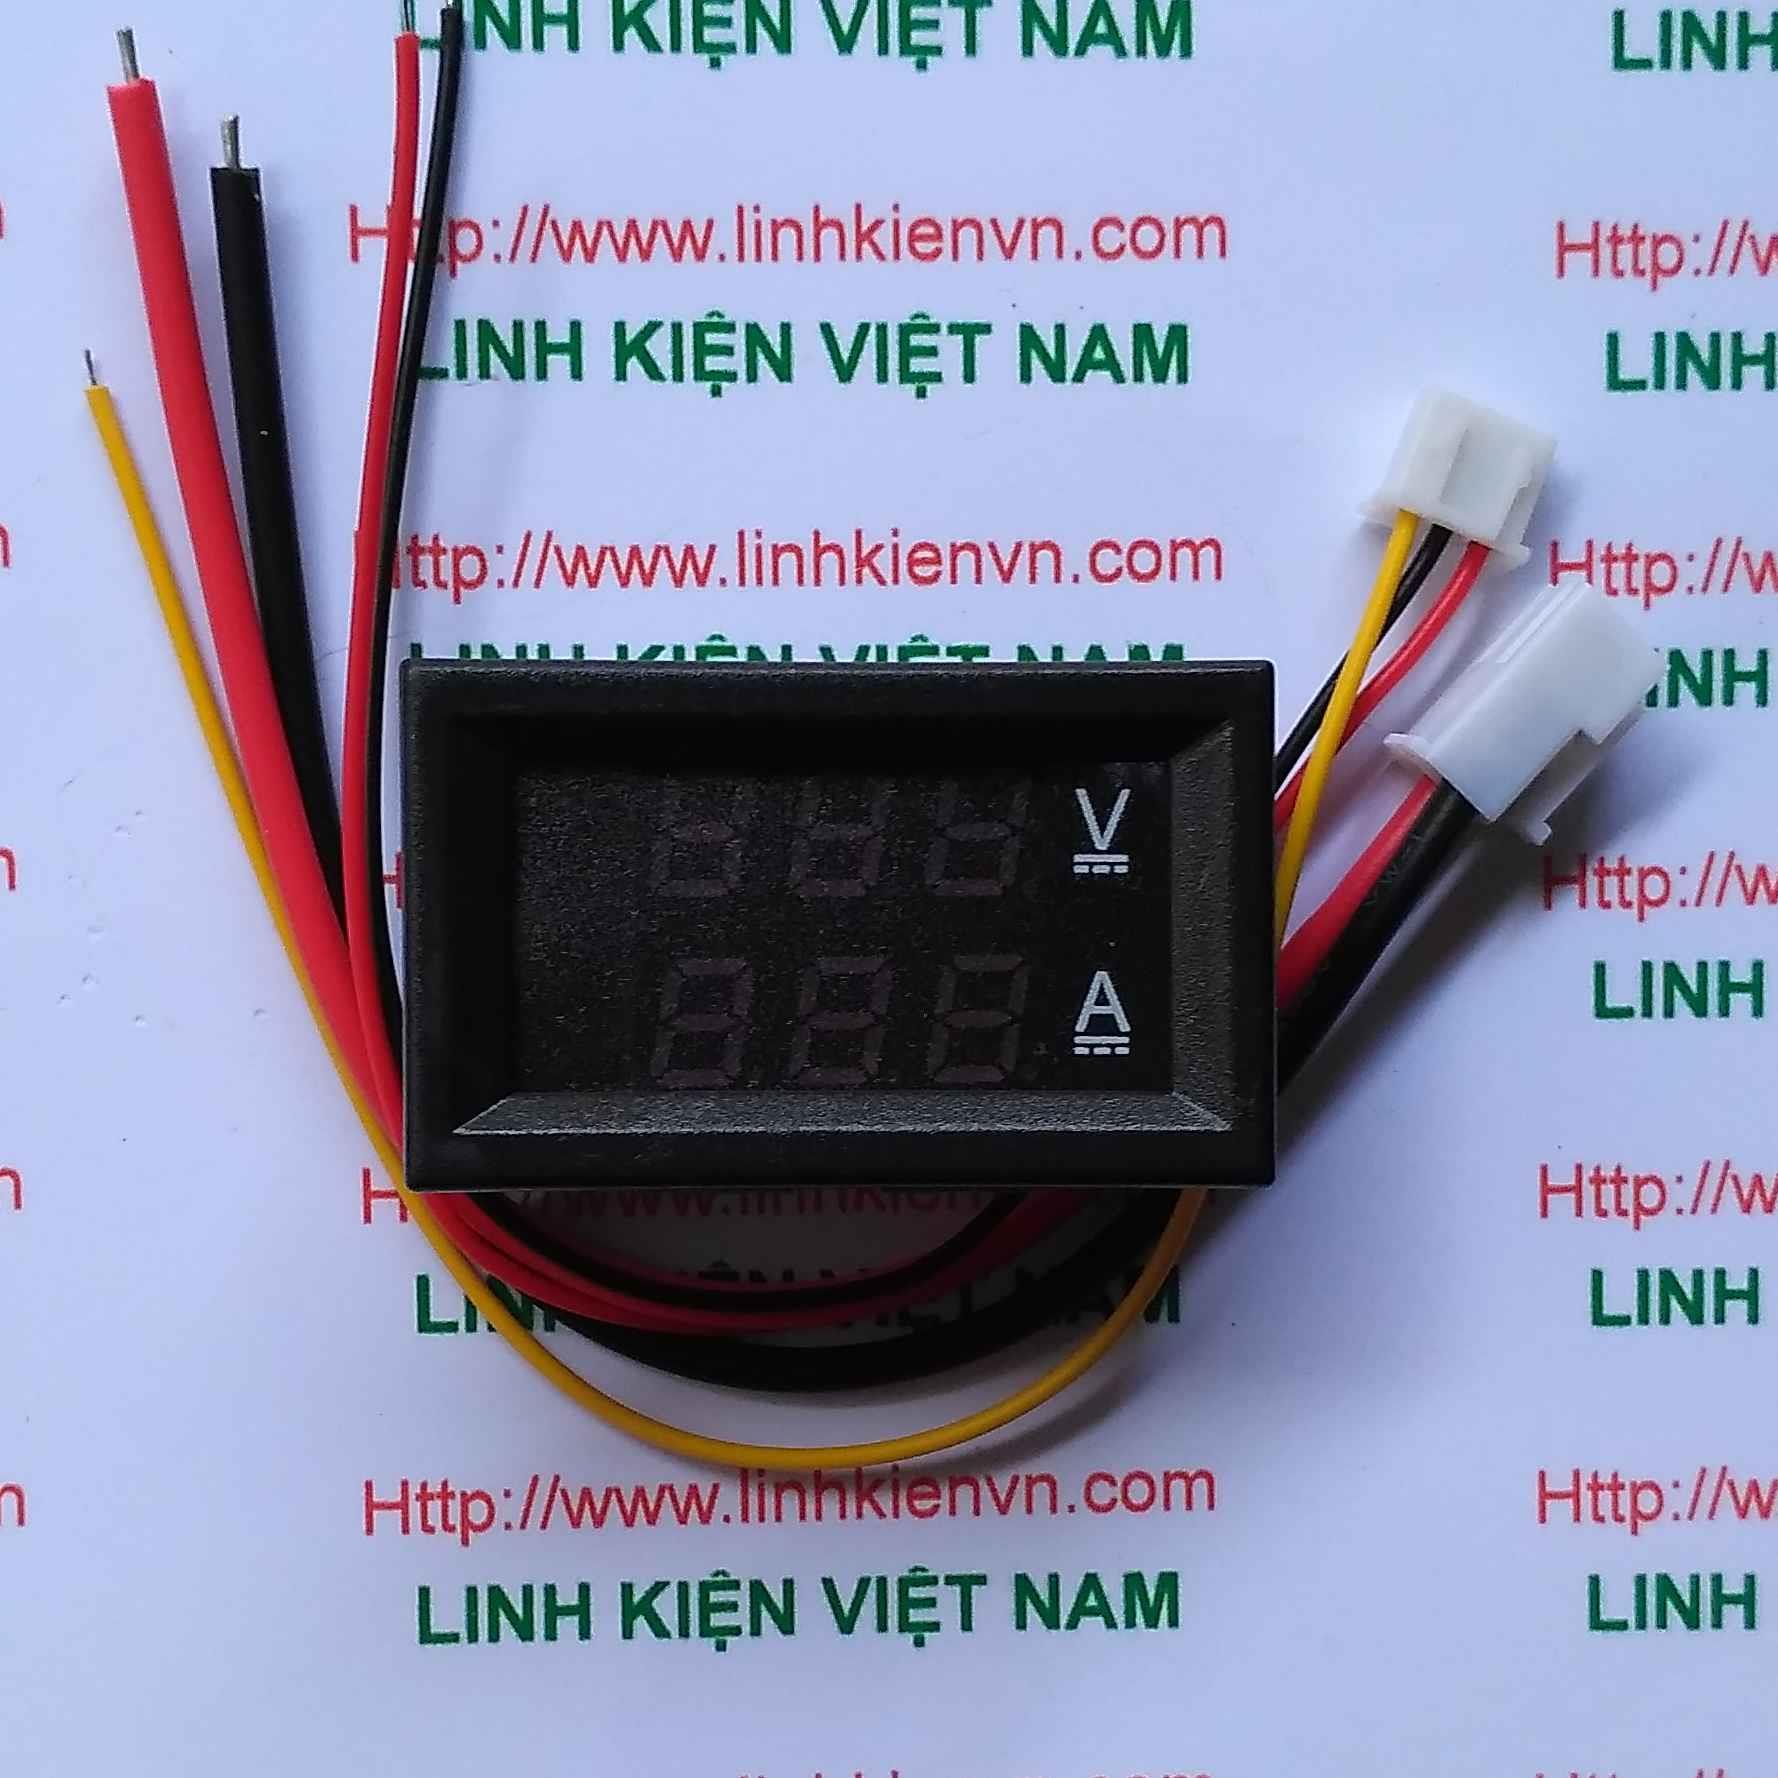 Module hiển thị dòng điện và điện áp VC288 100V 10A /Vôn kế - Ampe kế - G1H13